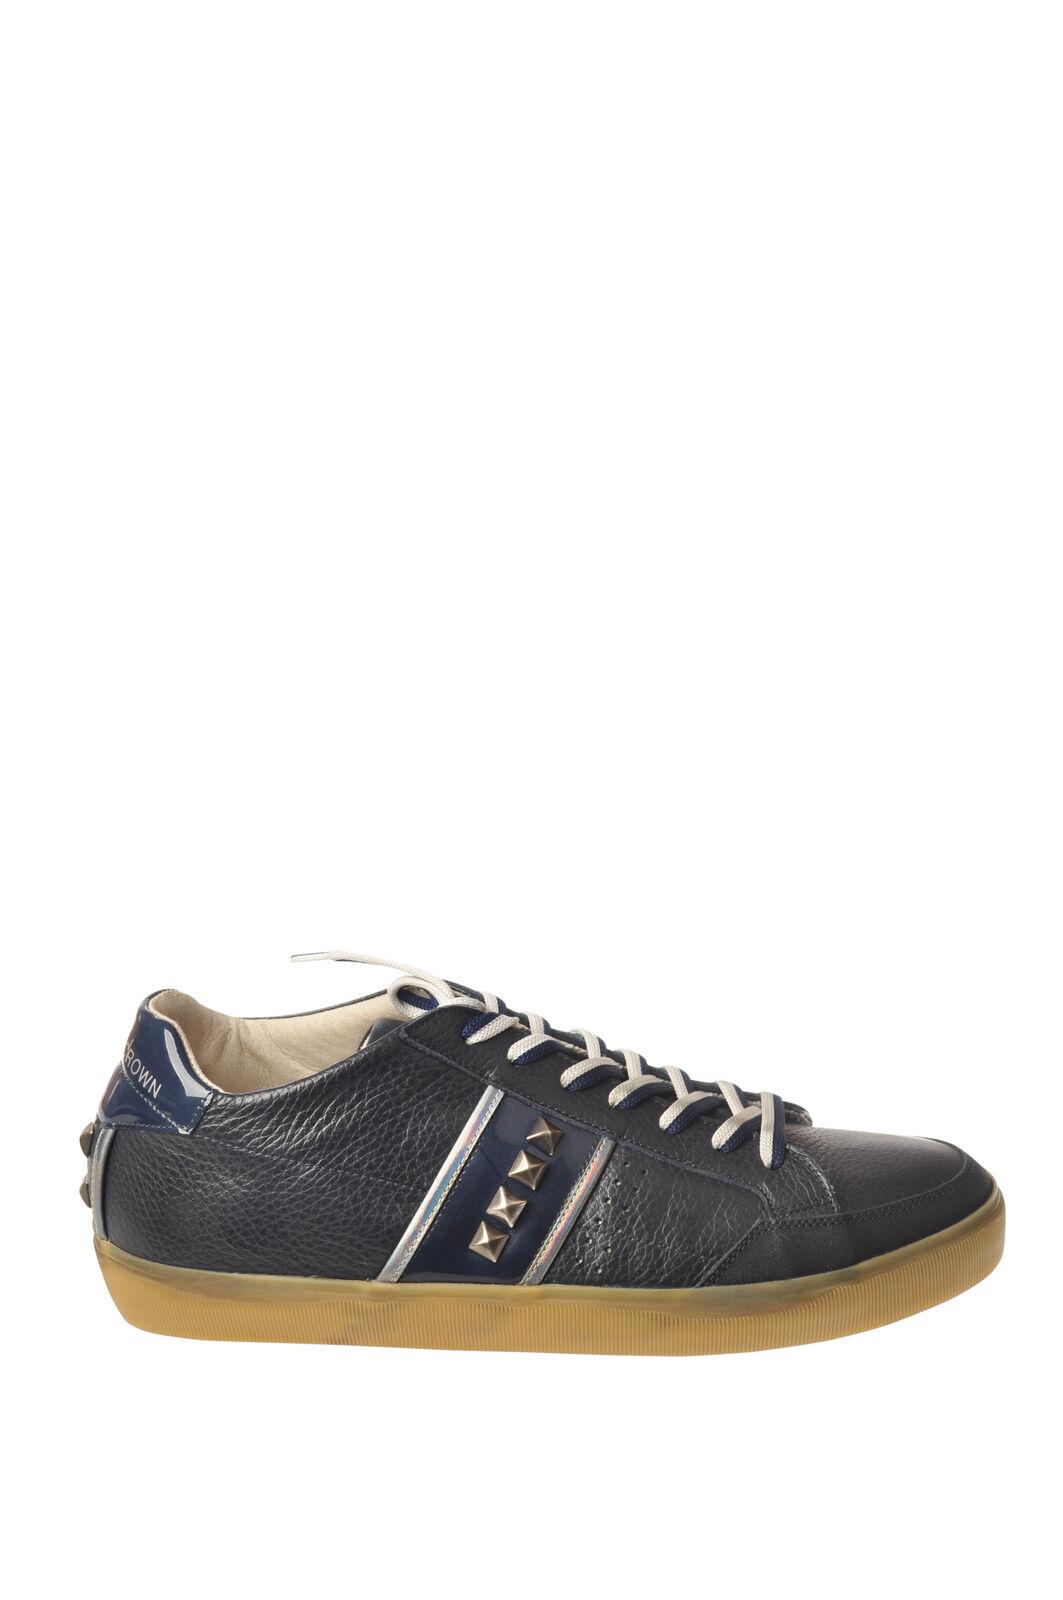 Leather Crown - Scarpe-scarpe da ginnastica basse - Uomo - Blu - 5857905A194400